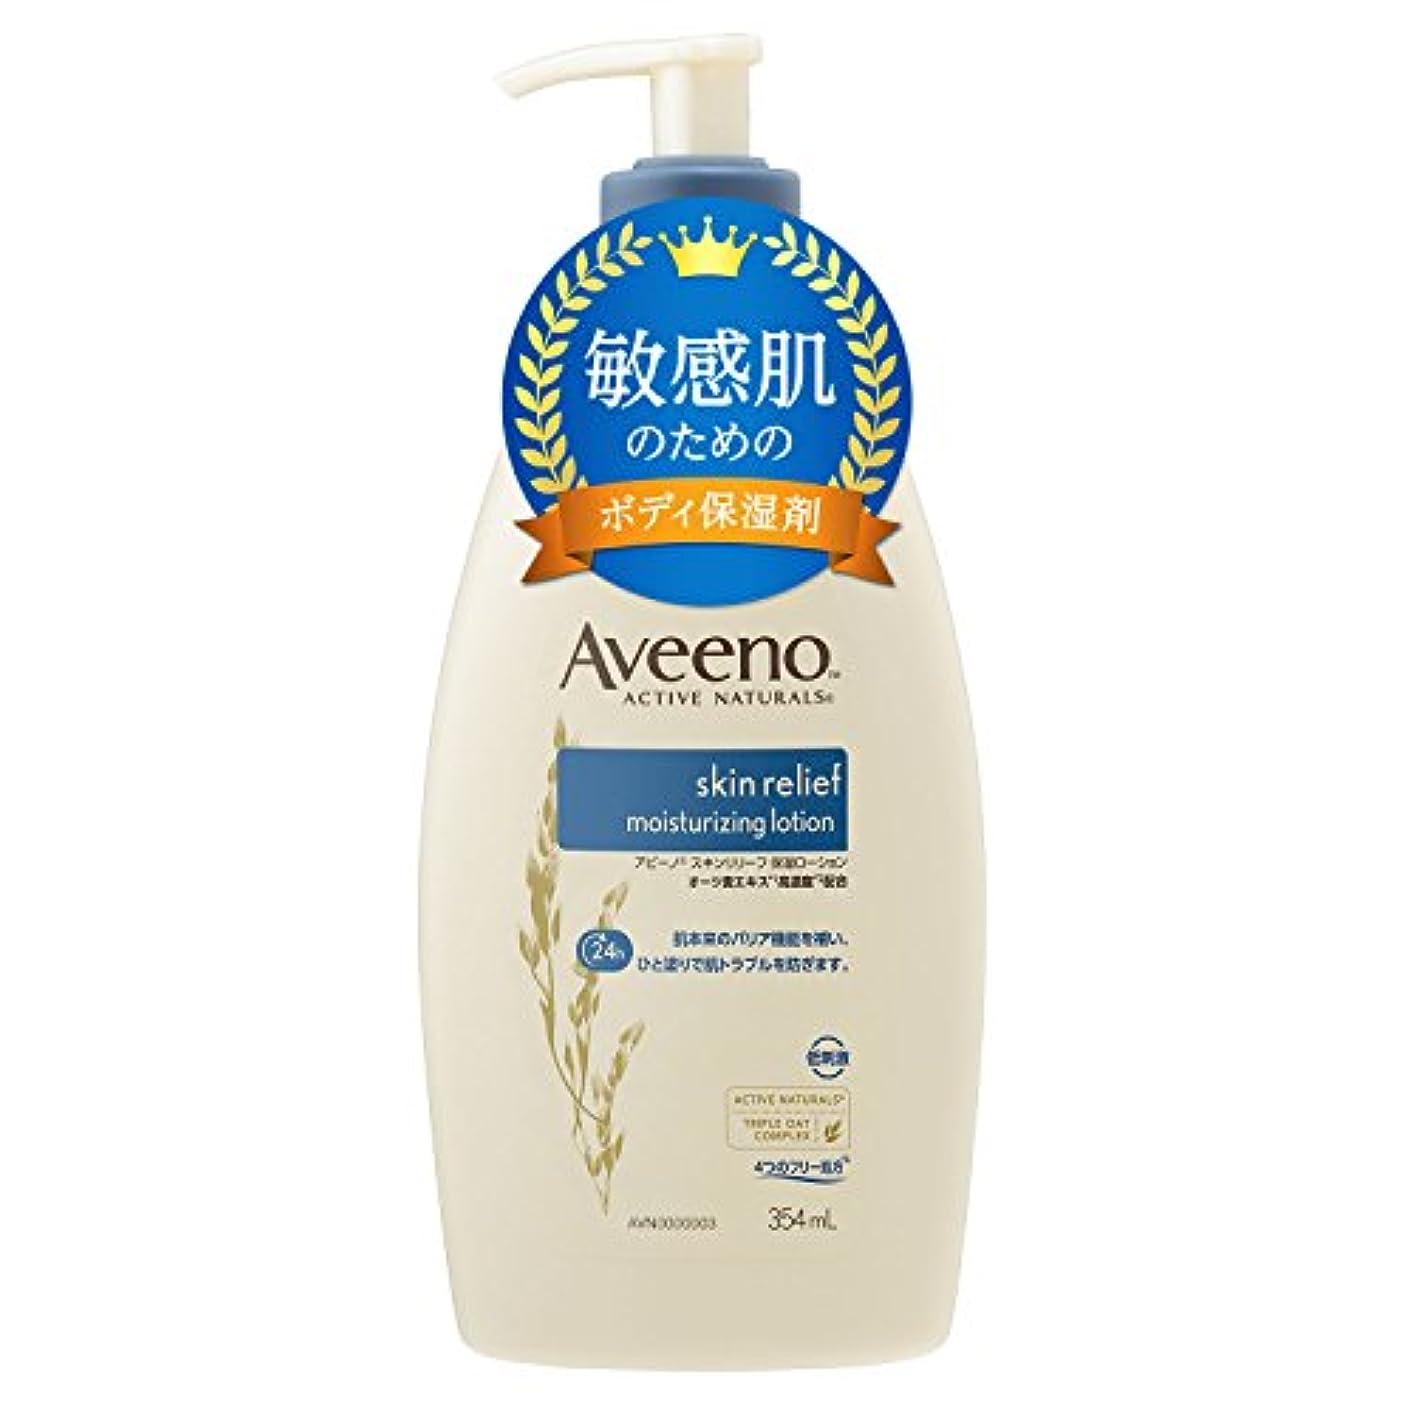 混合したポイント歩道【Amazon.co.jp限定】Aveeno(アビーノ) スキンリリーフ 保湿ローション 354ml 【極度の乾燥肌、敏感肌の方向け】